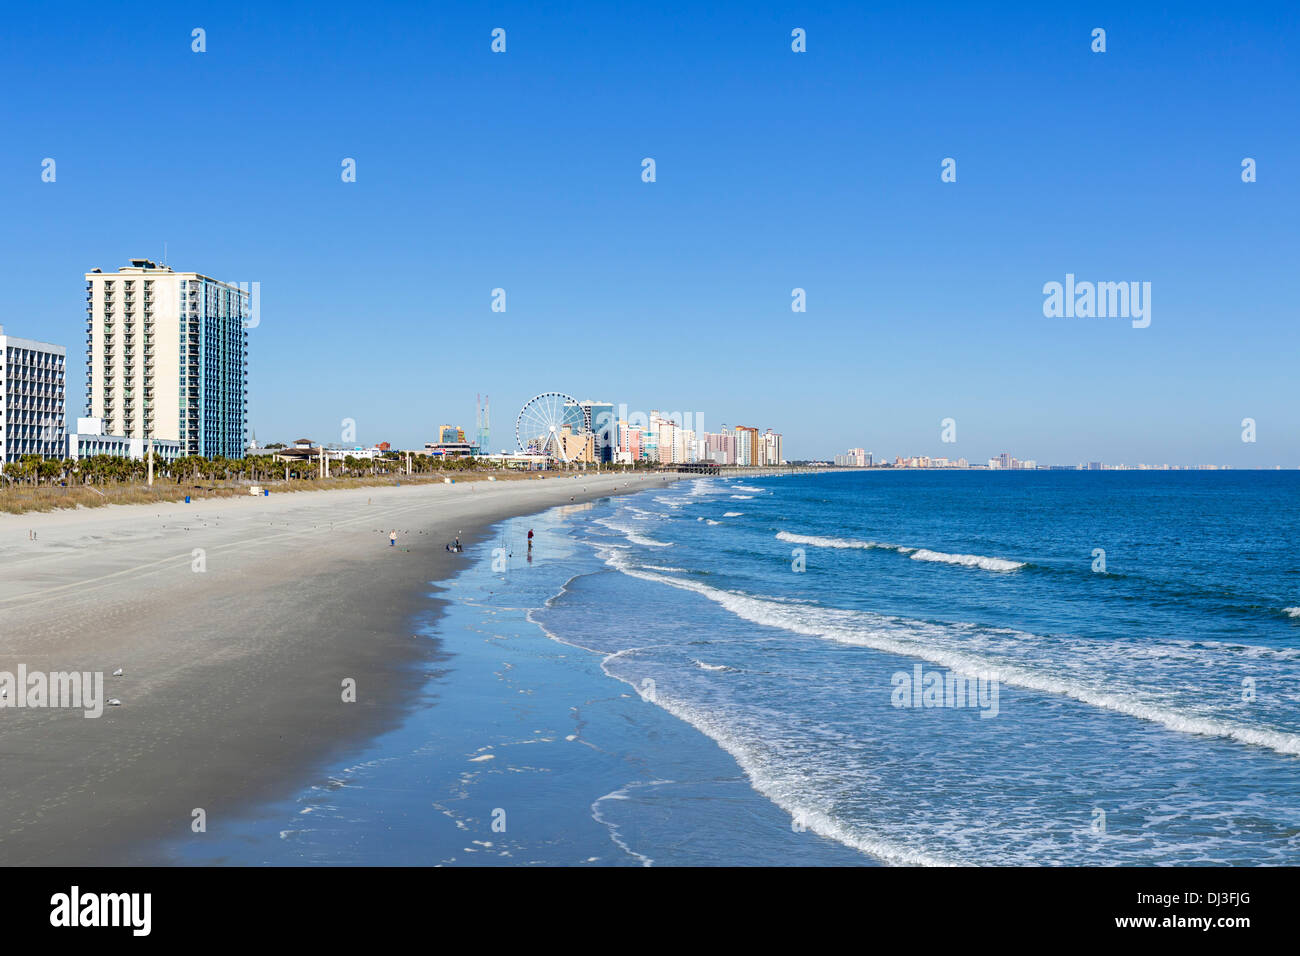 Myrtle Beach à partir de la 2ème Avenue Pier dans une rue calme en dehors de la saison d'automne, jour, Myrtle Beach, Caroline du Sud, USA Photo Stock